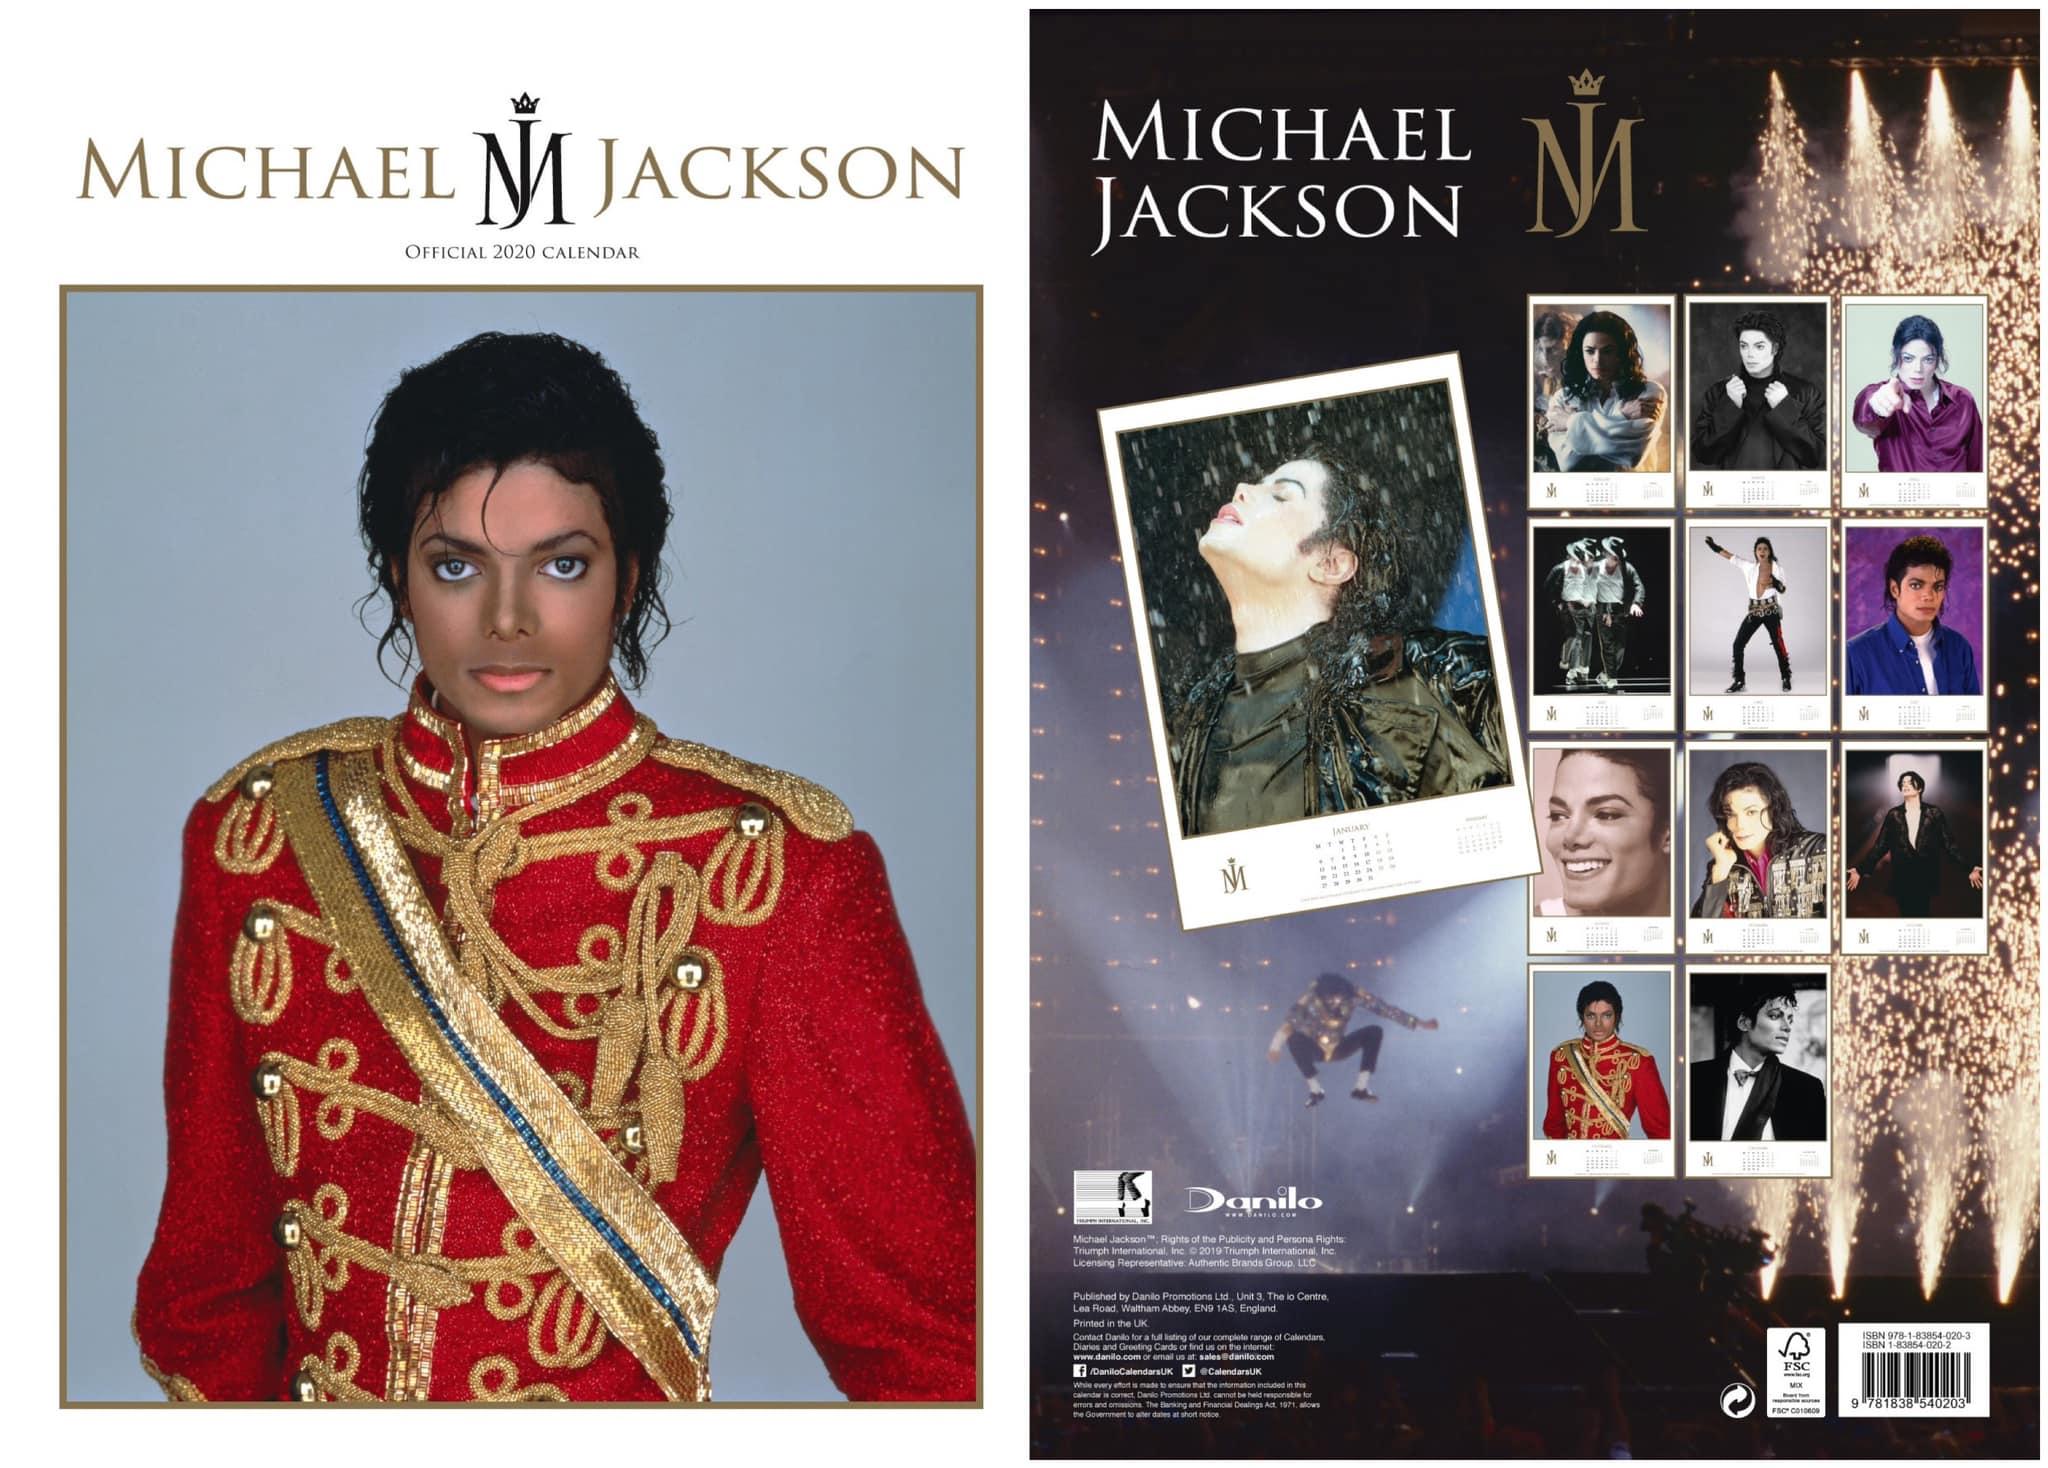 Calendario Oficial De Mj Para 2020 | Michael Jackson's Hideout in Calendario 2020 Michel